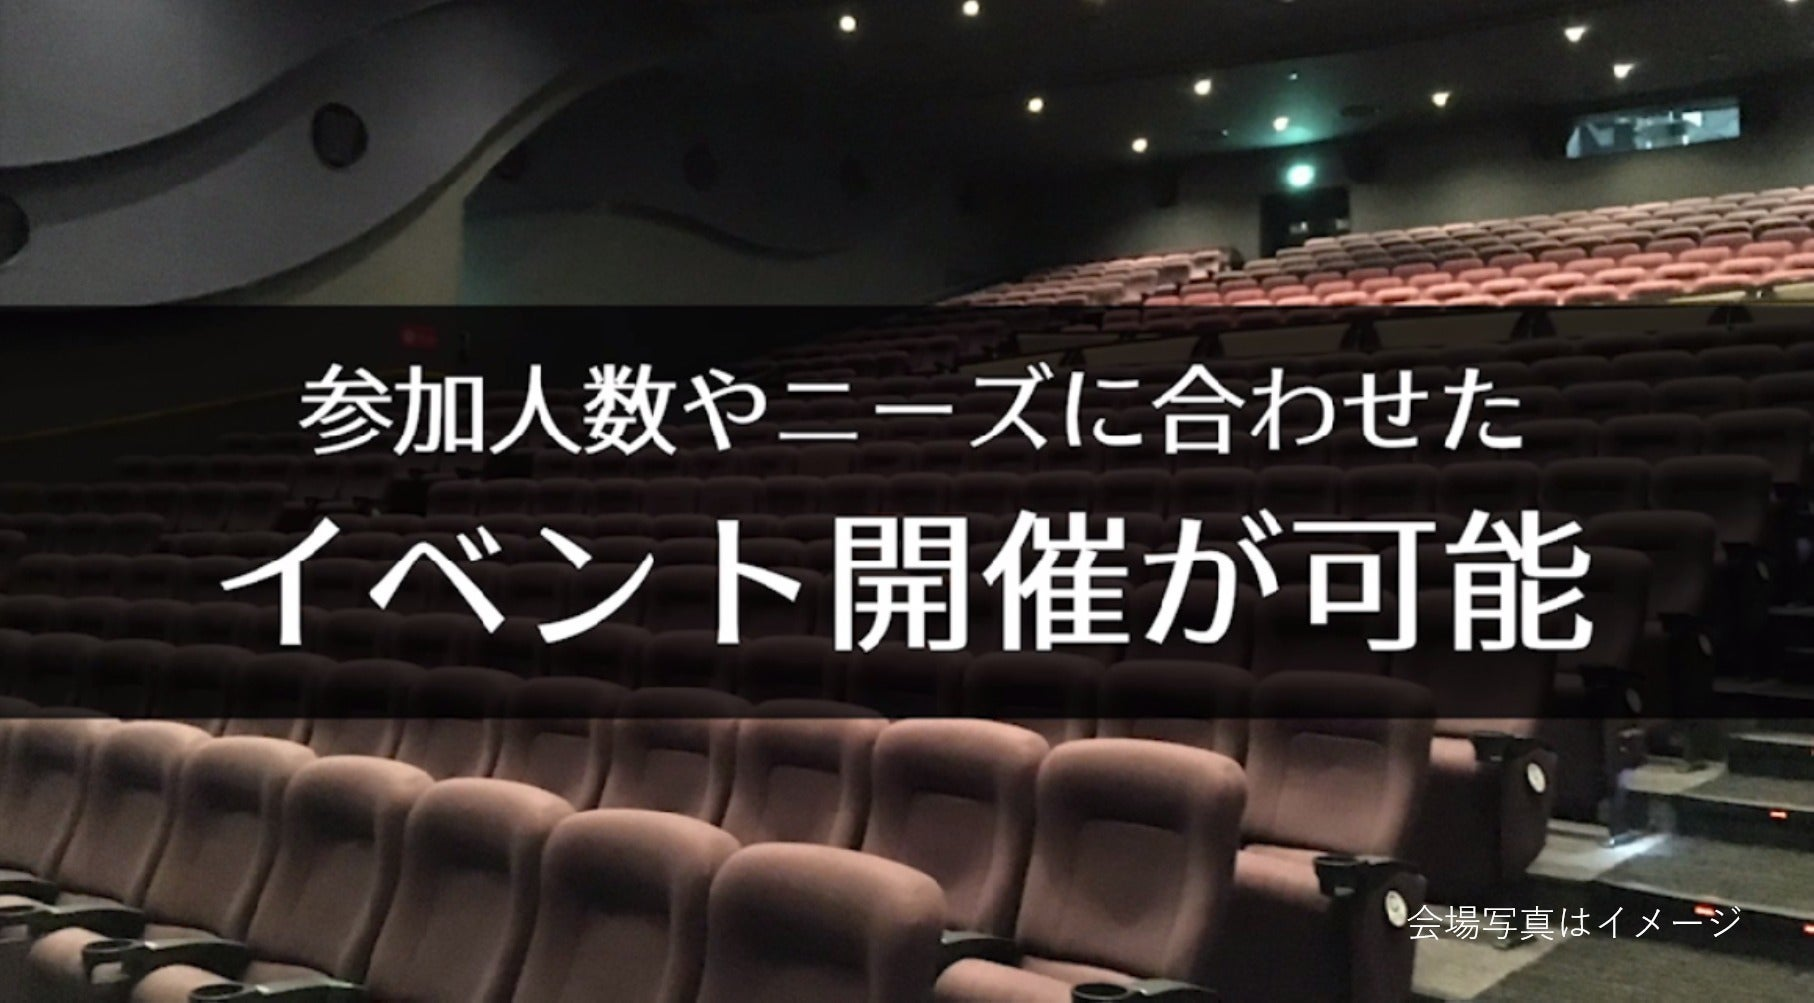 【幕張 211席】映画館で、会社説明会、株主総会、講演会の企画はいかがですか?